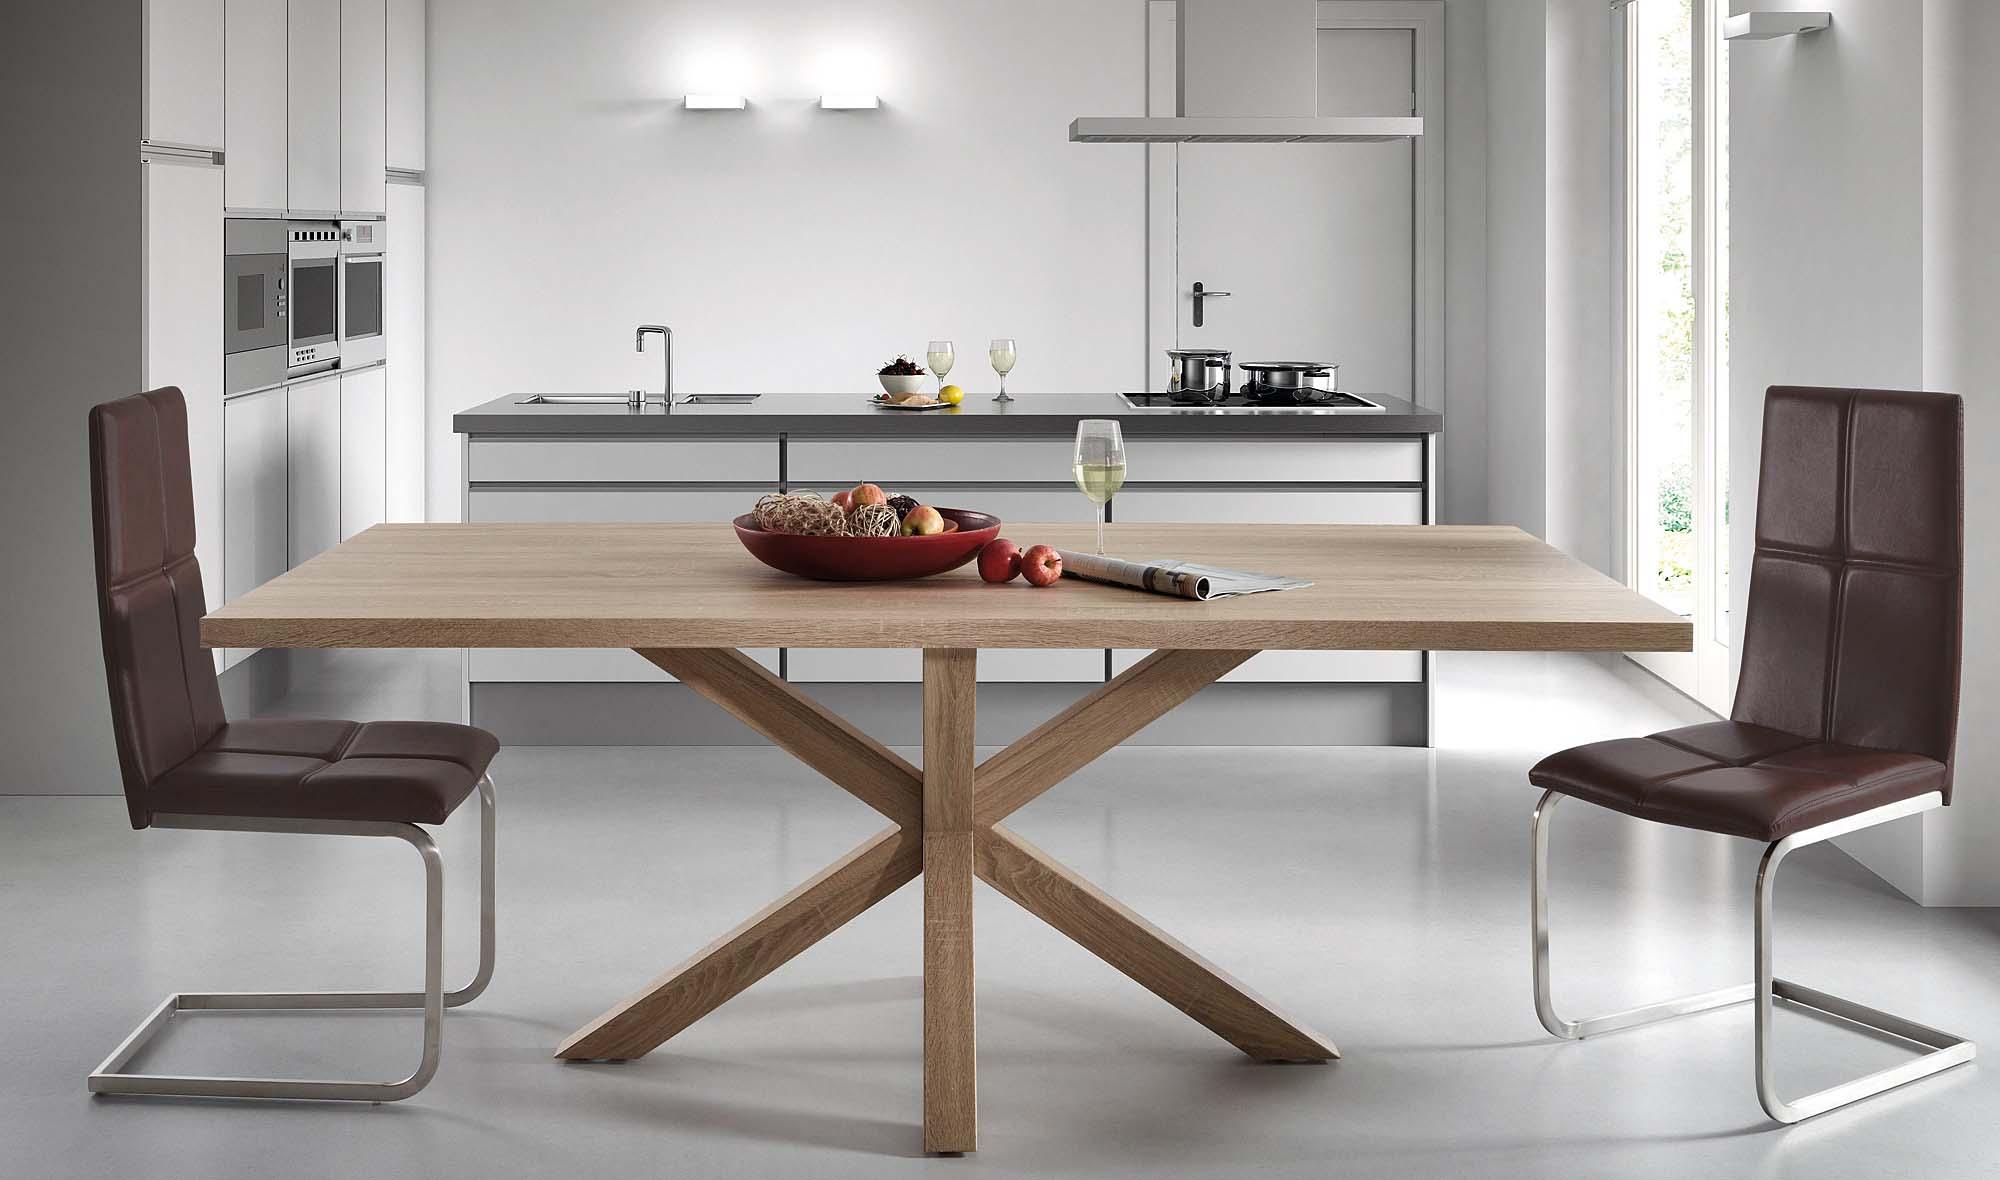 Mesa de comedor roble natural arya en for Mesas de comedor rectangulares